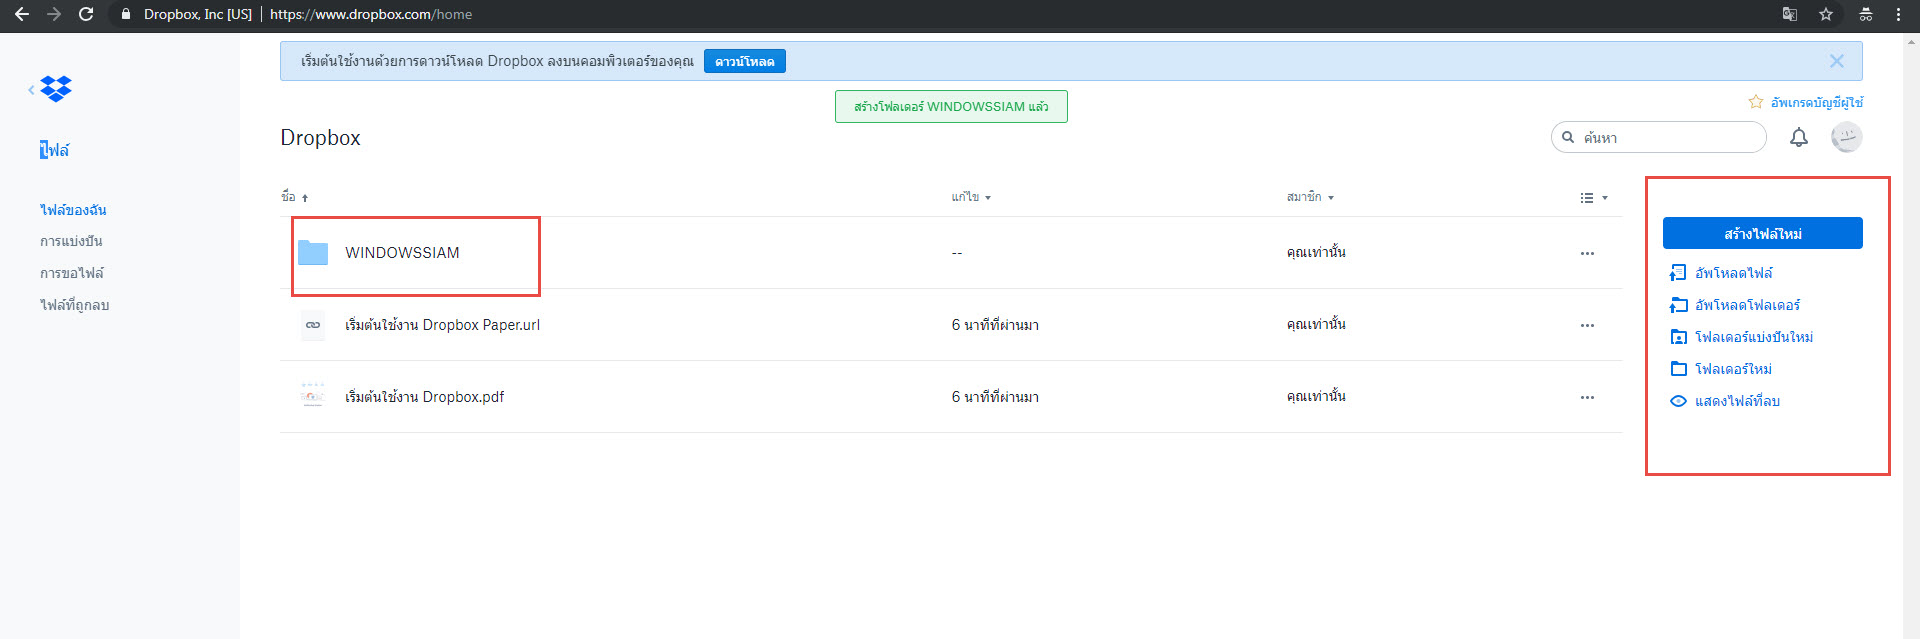 การใช้งาน Dropbox-4